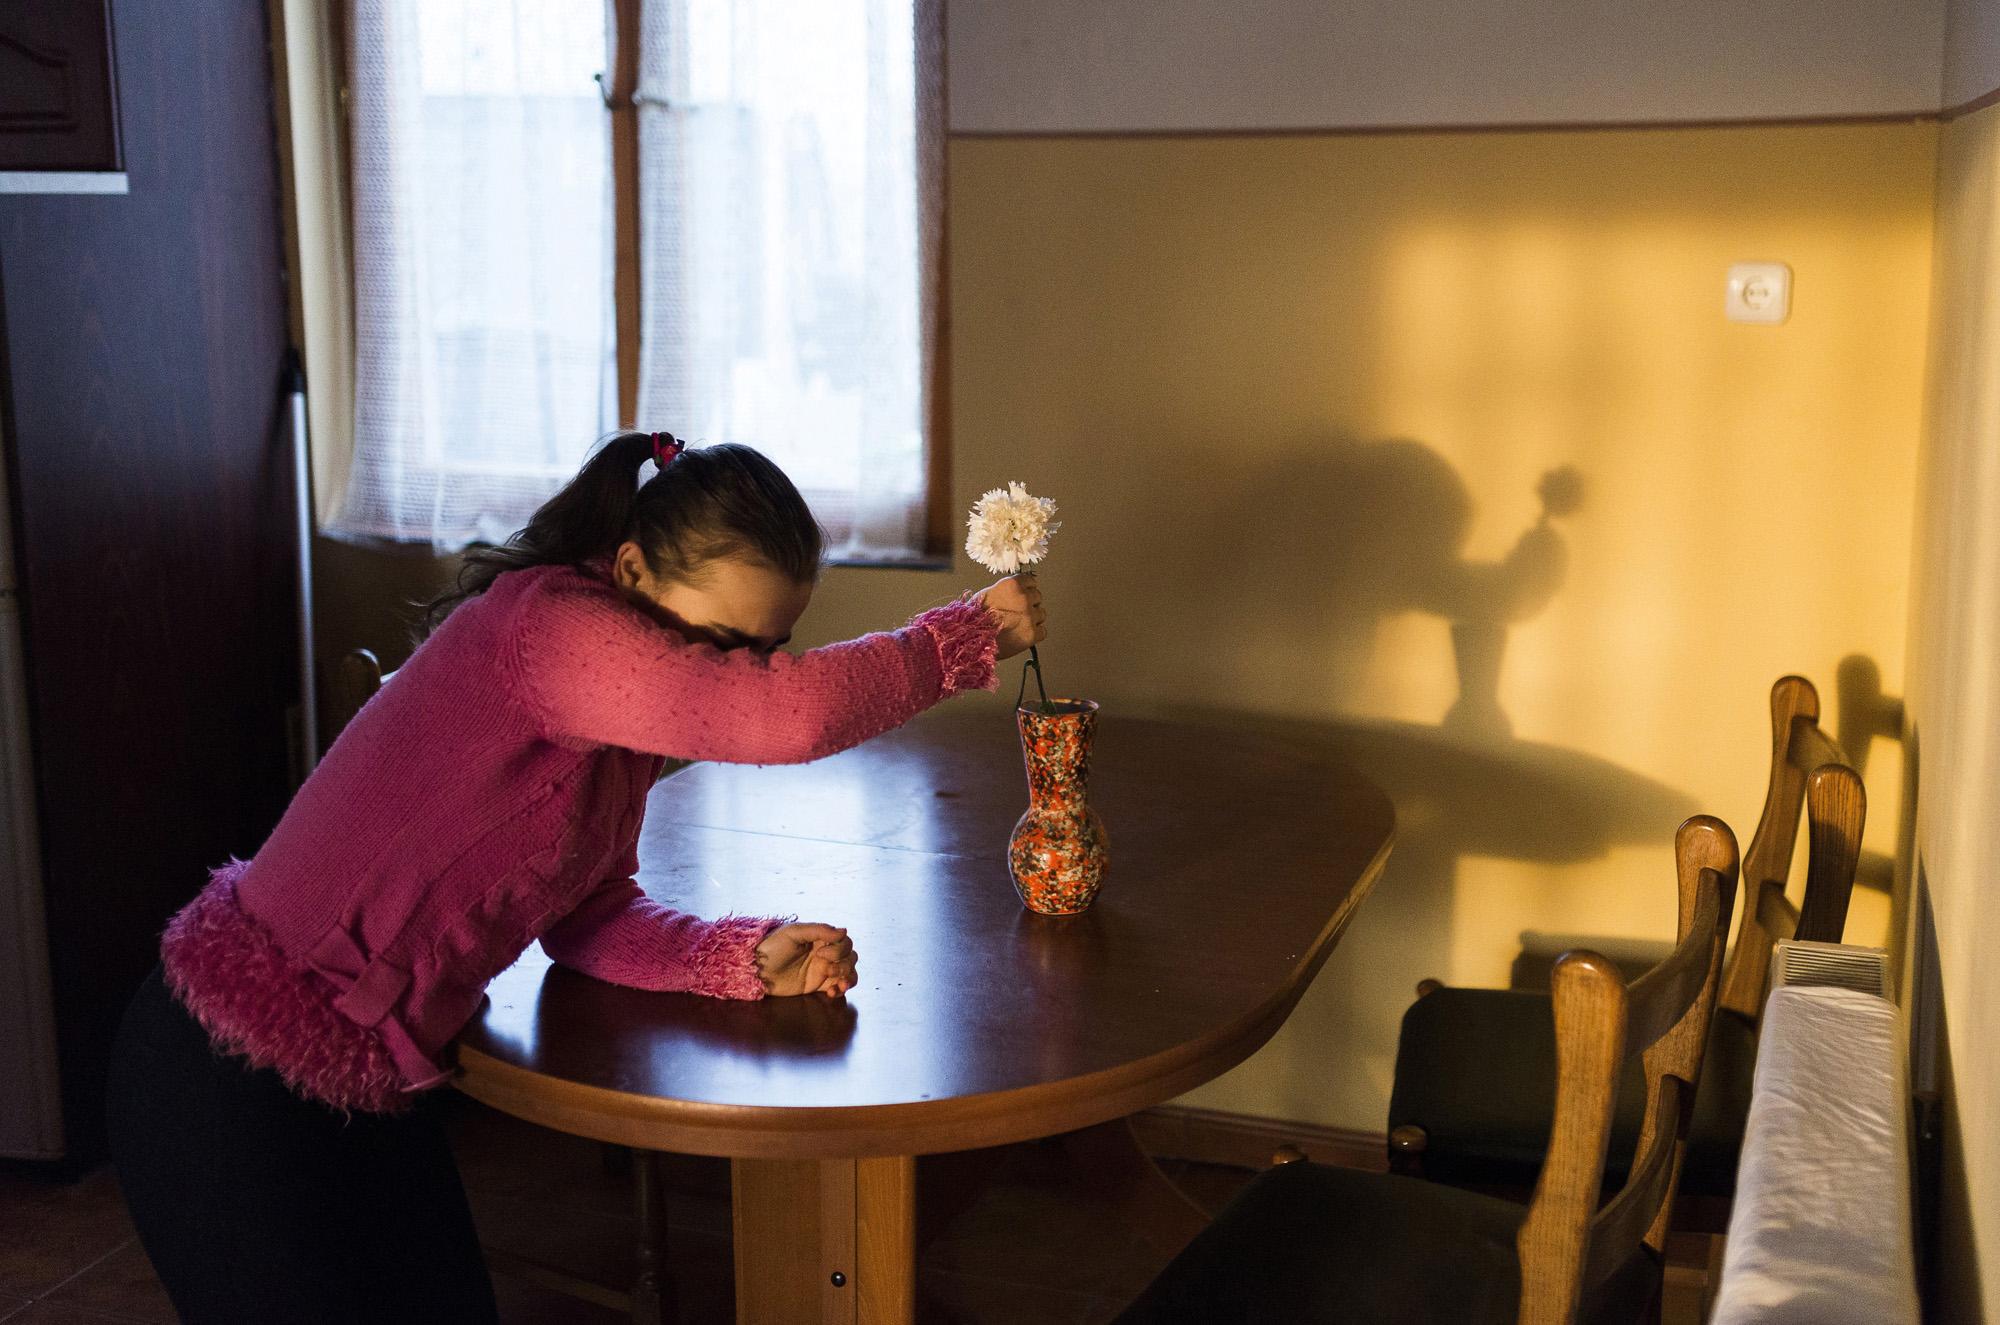 Nyíregyháza, 2017. március 30.Az autizmus spektrumzavarral élő Farkas Laura vázába teszi az édesapjától kapott virágot nyíregyházi otthonukban 2017. március 8-án. Az állandó felügyeletet igénylő gyermek nevelésének nehézségei miatt a család felbomlott, a szülők elváltak. A két gyermekét egyedül nevelő Farkas Árpád korábban jól működő vállalkozásaira nem tudott elég időt fordítani, így az egykor jó körülmények között élő család anyagi helyzete megváltozott. A férfi alapító elnöke az autista gyerekek szülői szervezetének, a 2014 tavaszán bejegyzett Most Élsz Egyesületnek, amely folyamatosan keresi a gyógyítás újabb és újabb lehetőségeit.MTI Fotó: Balázs Attila